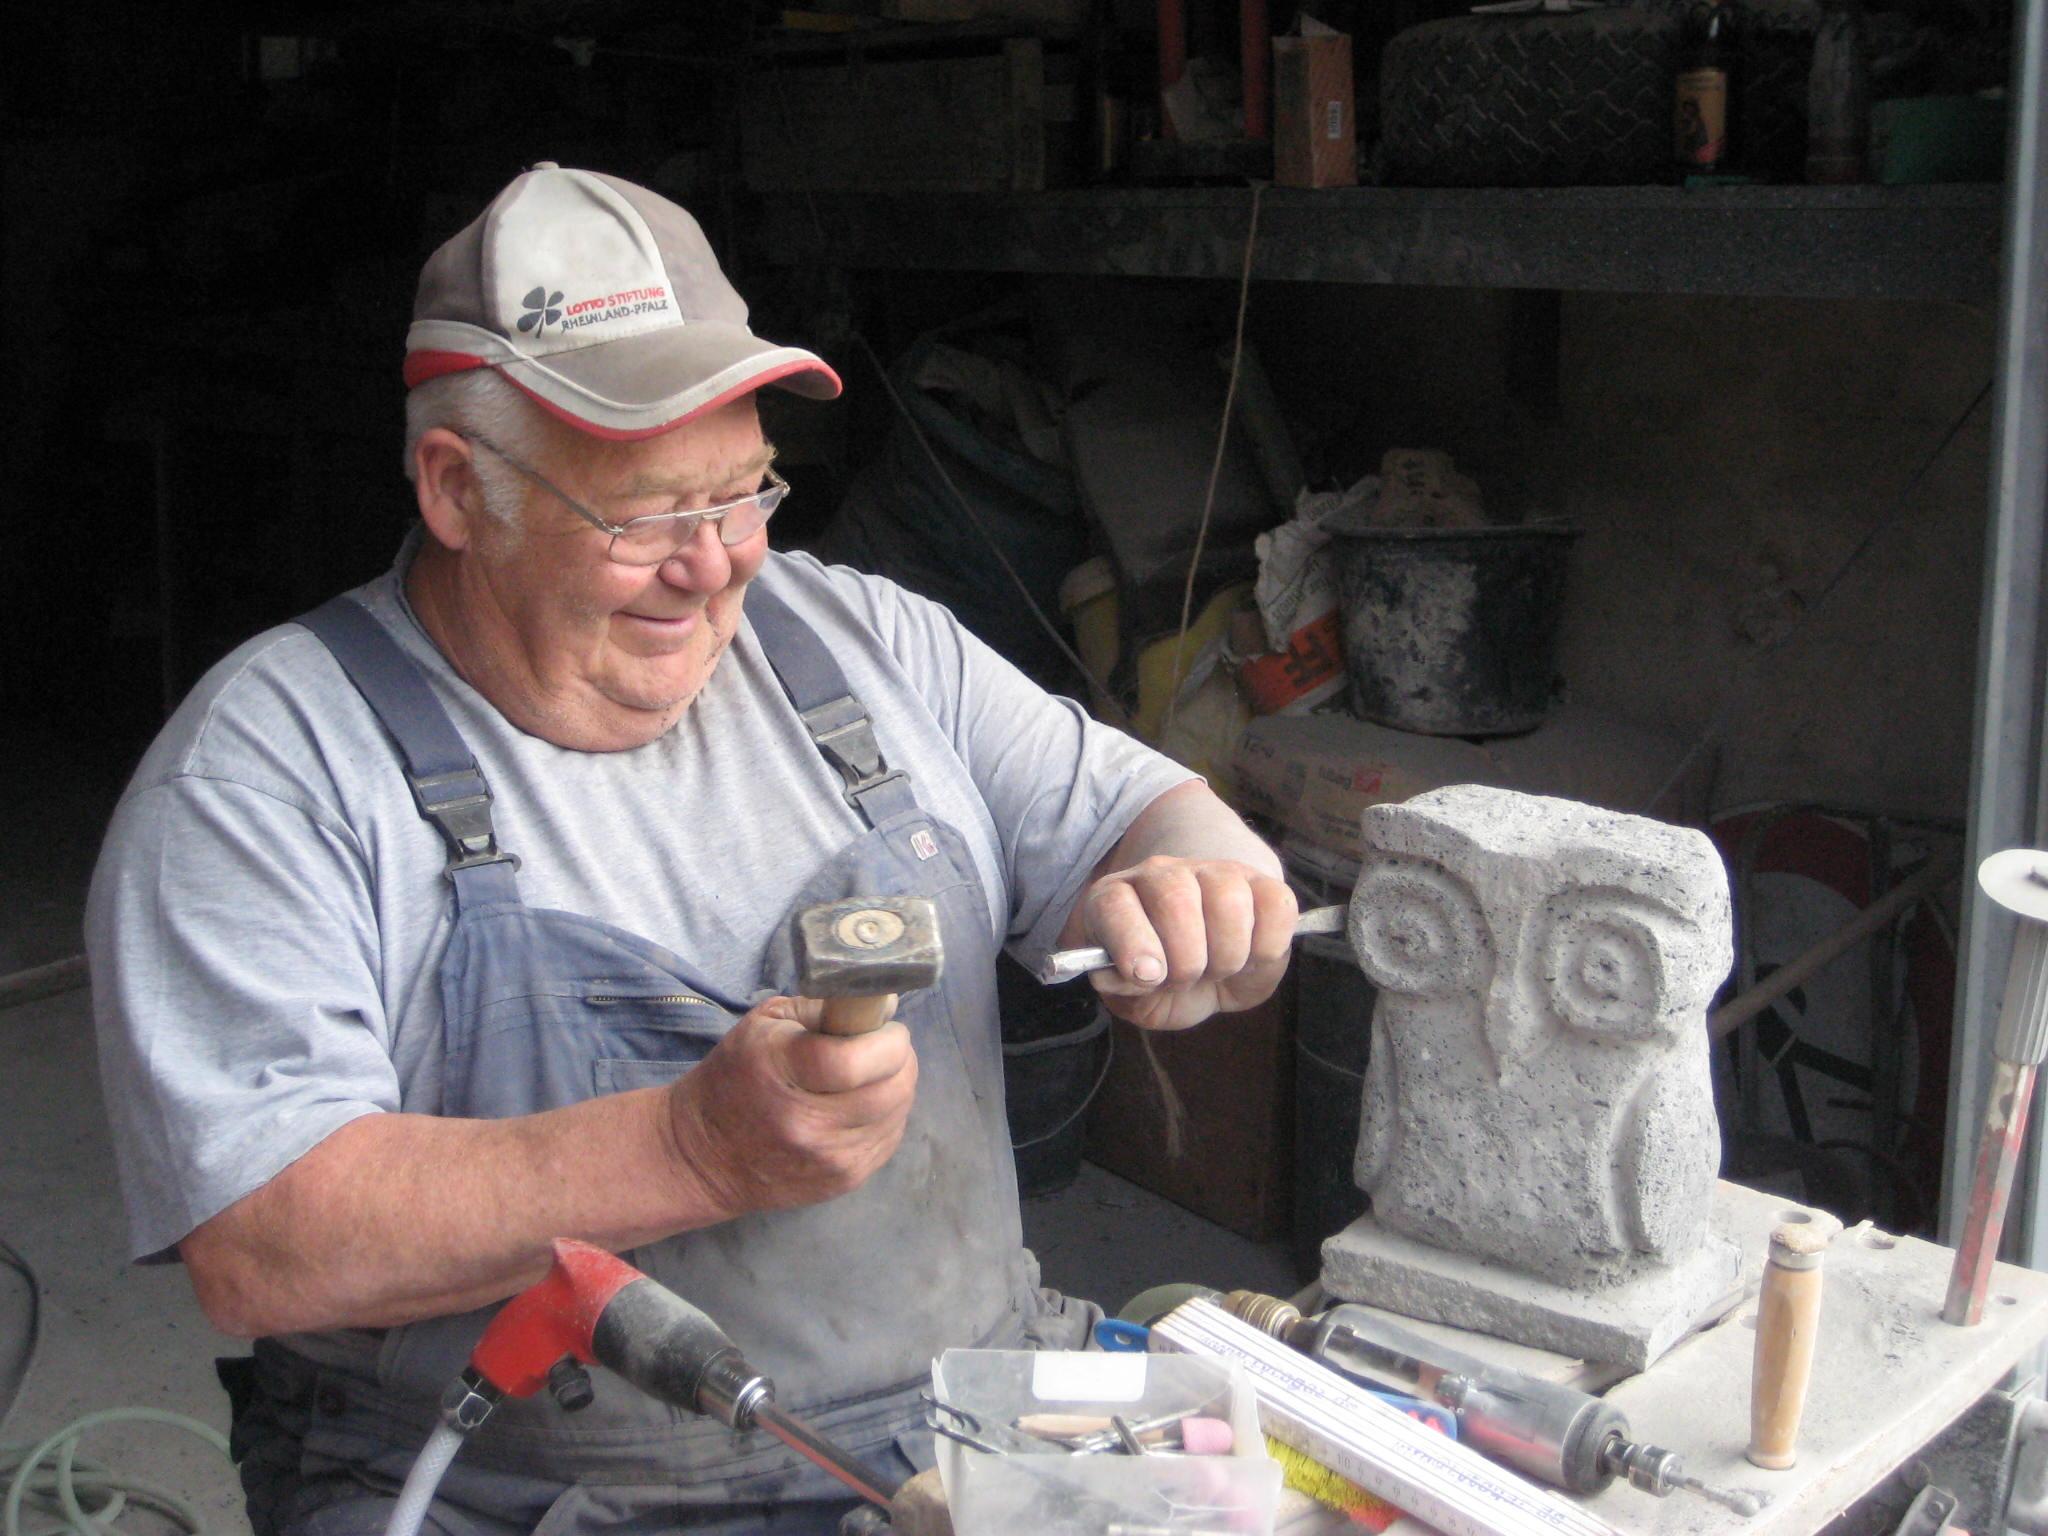 Mario Kuchinke-Hofer war in Hatzenport an der Mosel: »Die Werkstatt mit dem freundlichen Steinmetz liegt direkt an der Moselstraße, genau auf der Hälfte zwischen Koblenz und Cochem.«